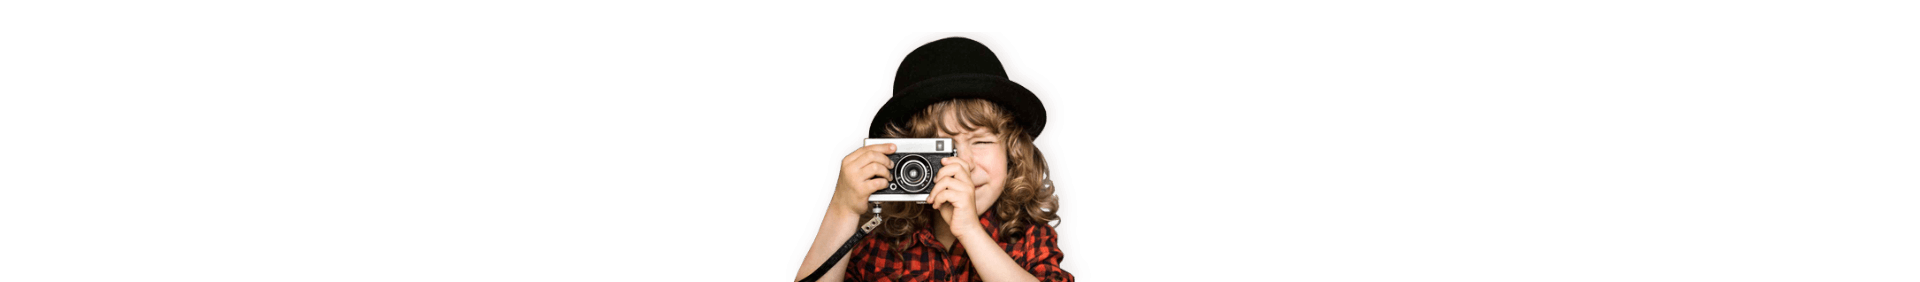 gallery-kid